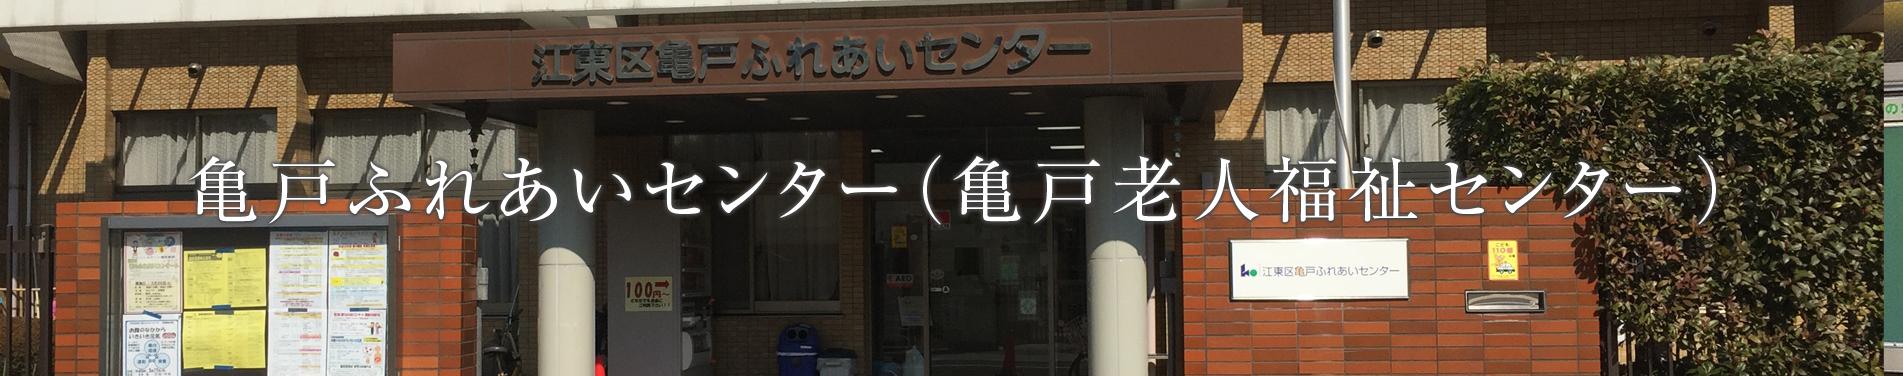 亀戸ふれあいセンター(亀戸老人福祉センター)